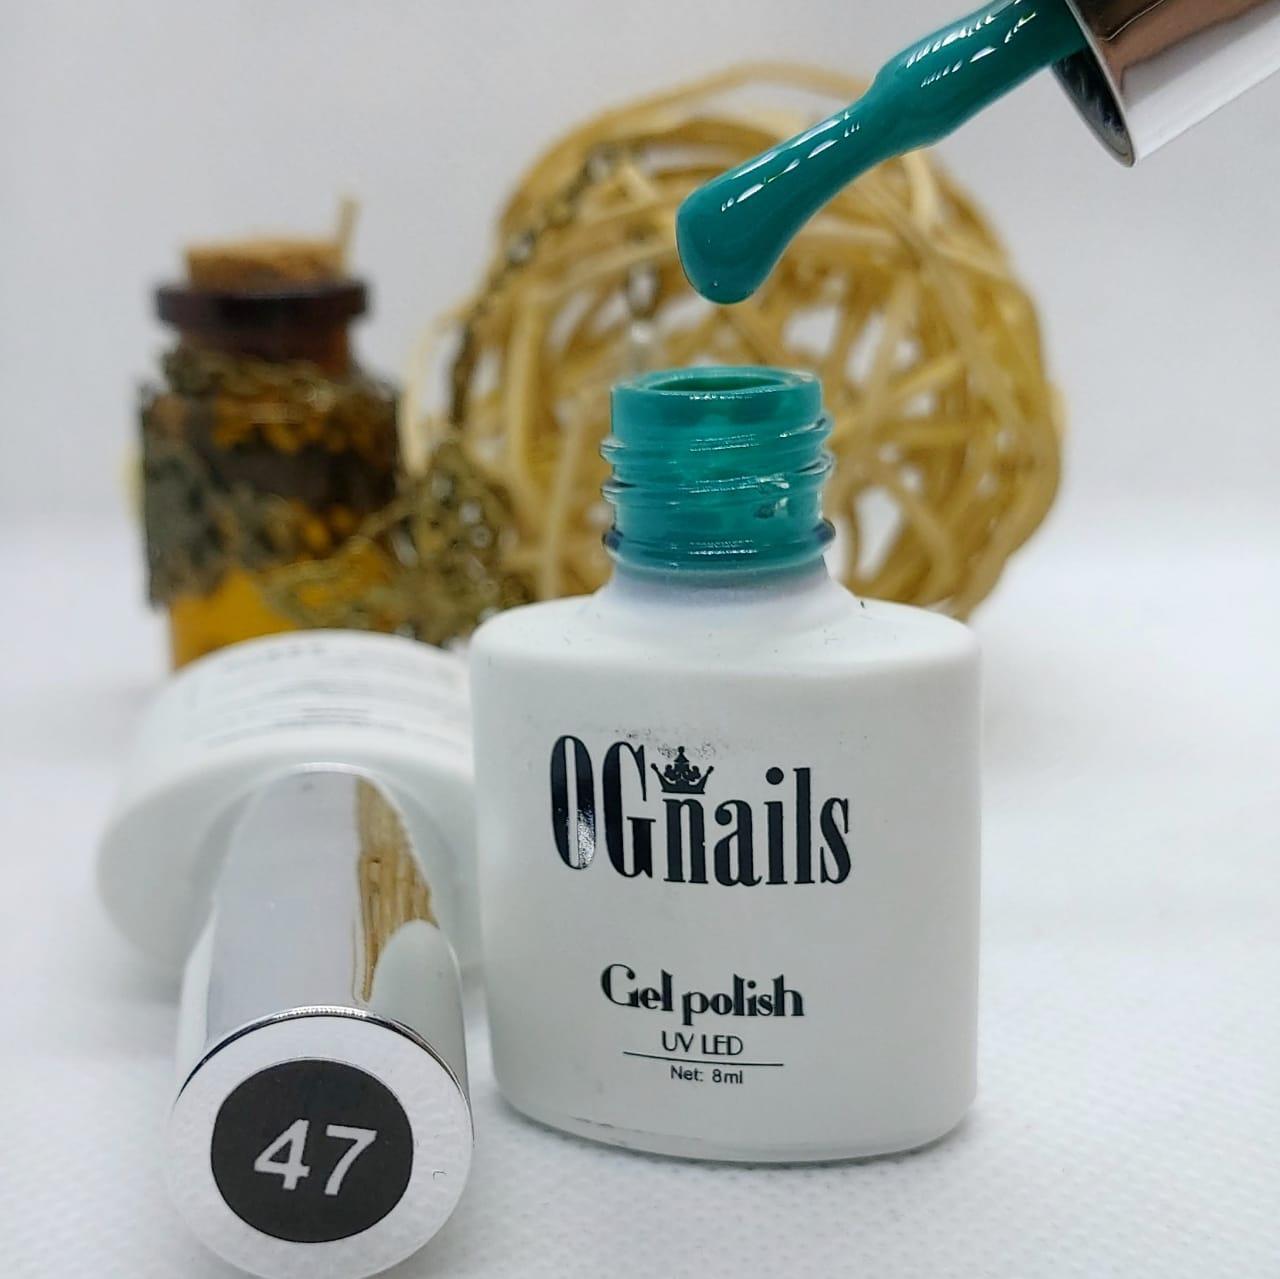 Гель лак White coll № 047, 8мл, OGnails